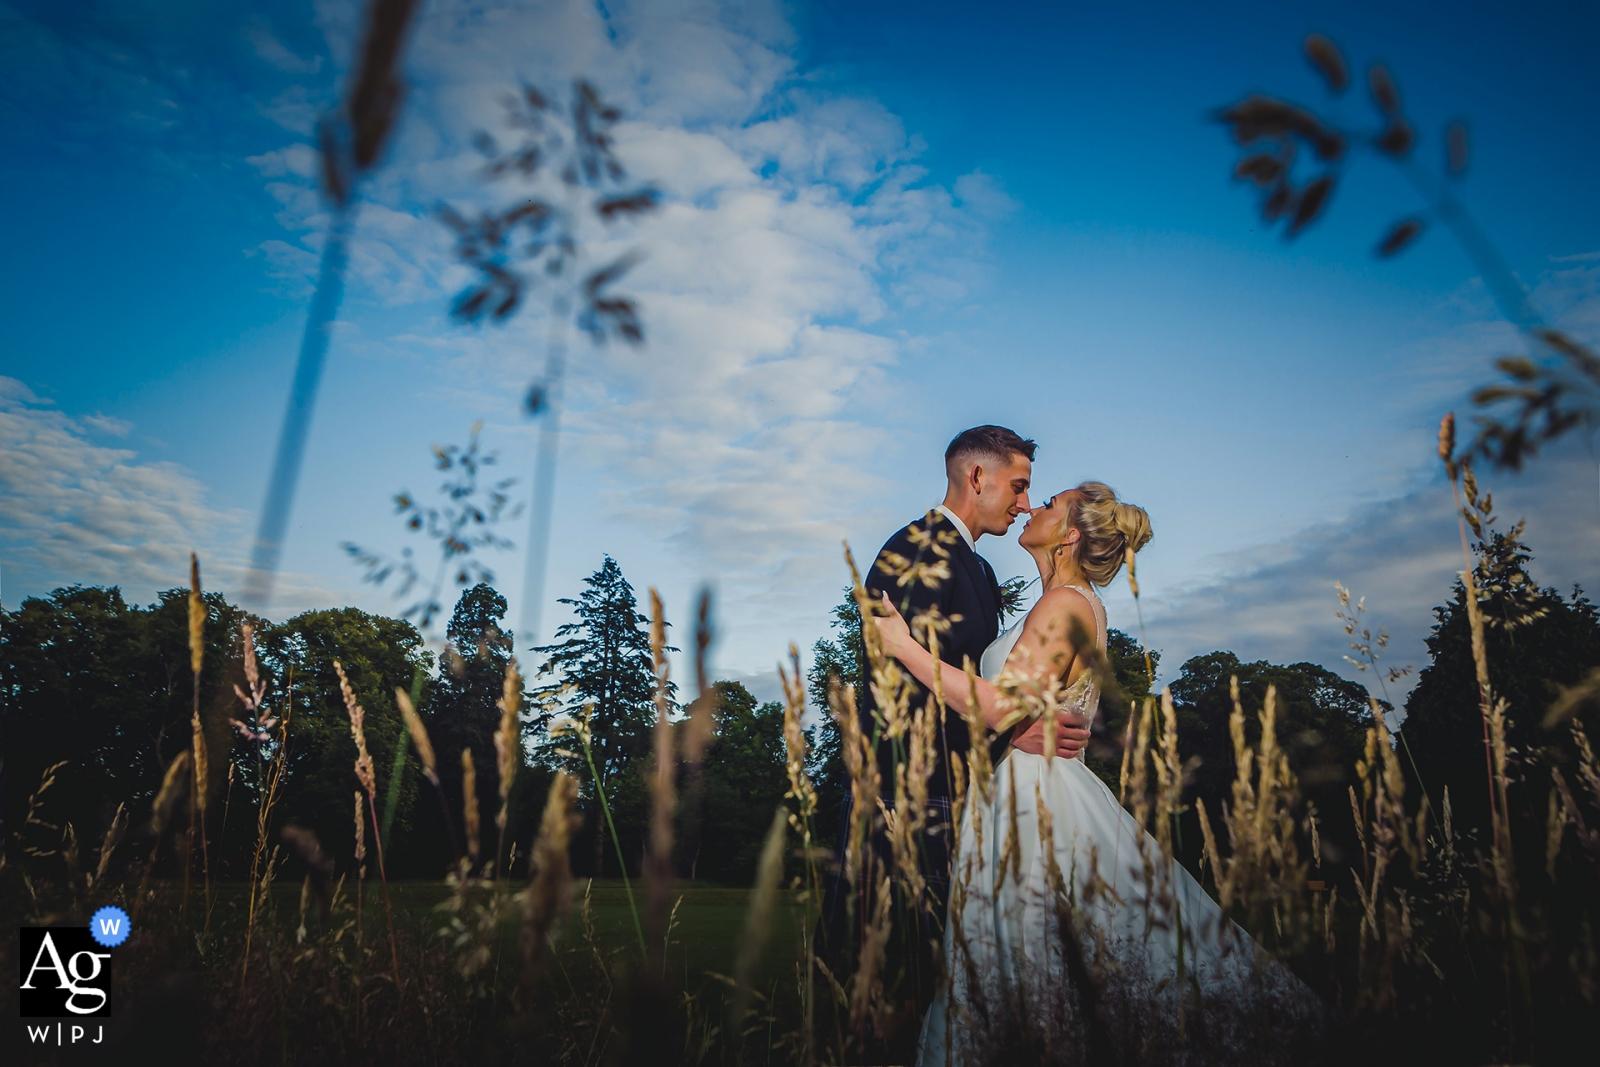 Hochzeitspaarporträt schoss durch langes Gras mit blauen Himmeln. Leuchtet bei ausgeschaltetem Kamerablitz.